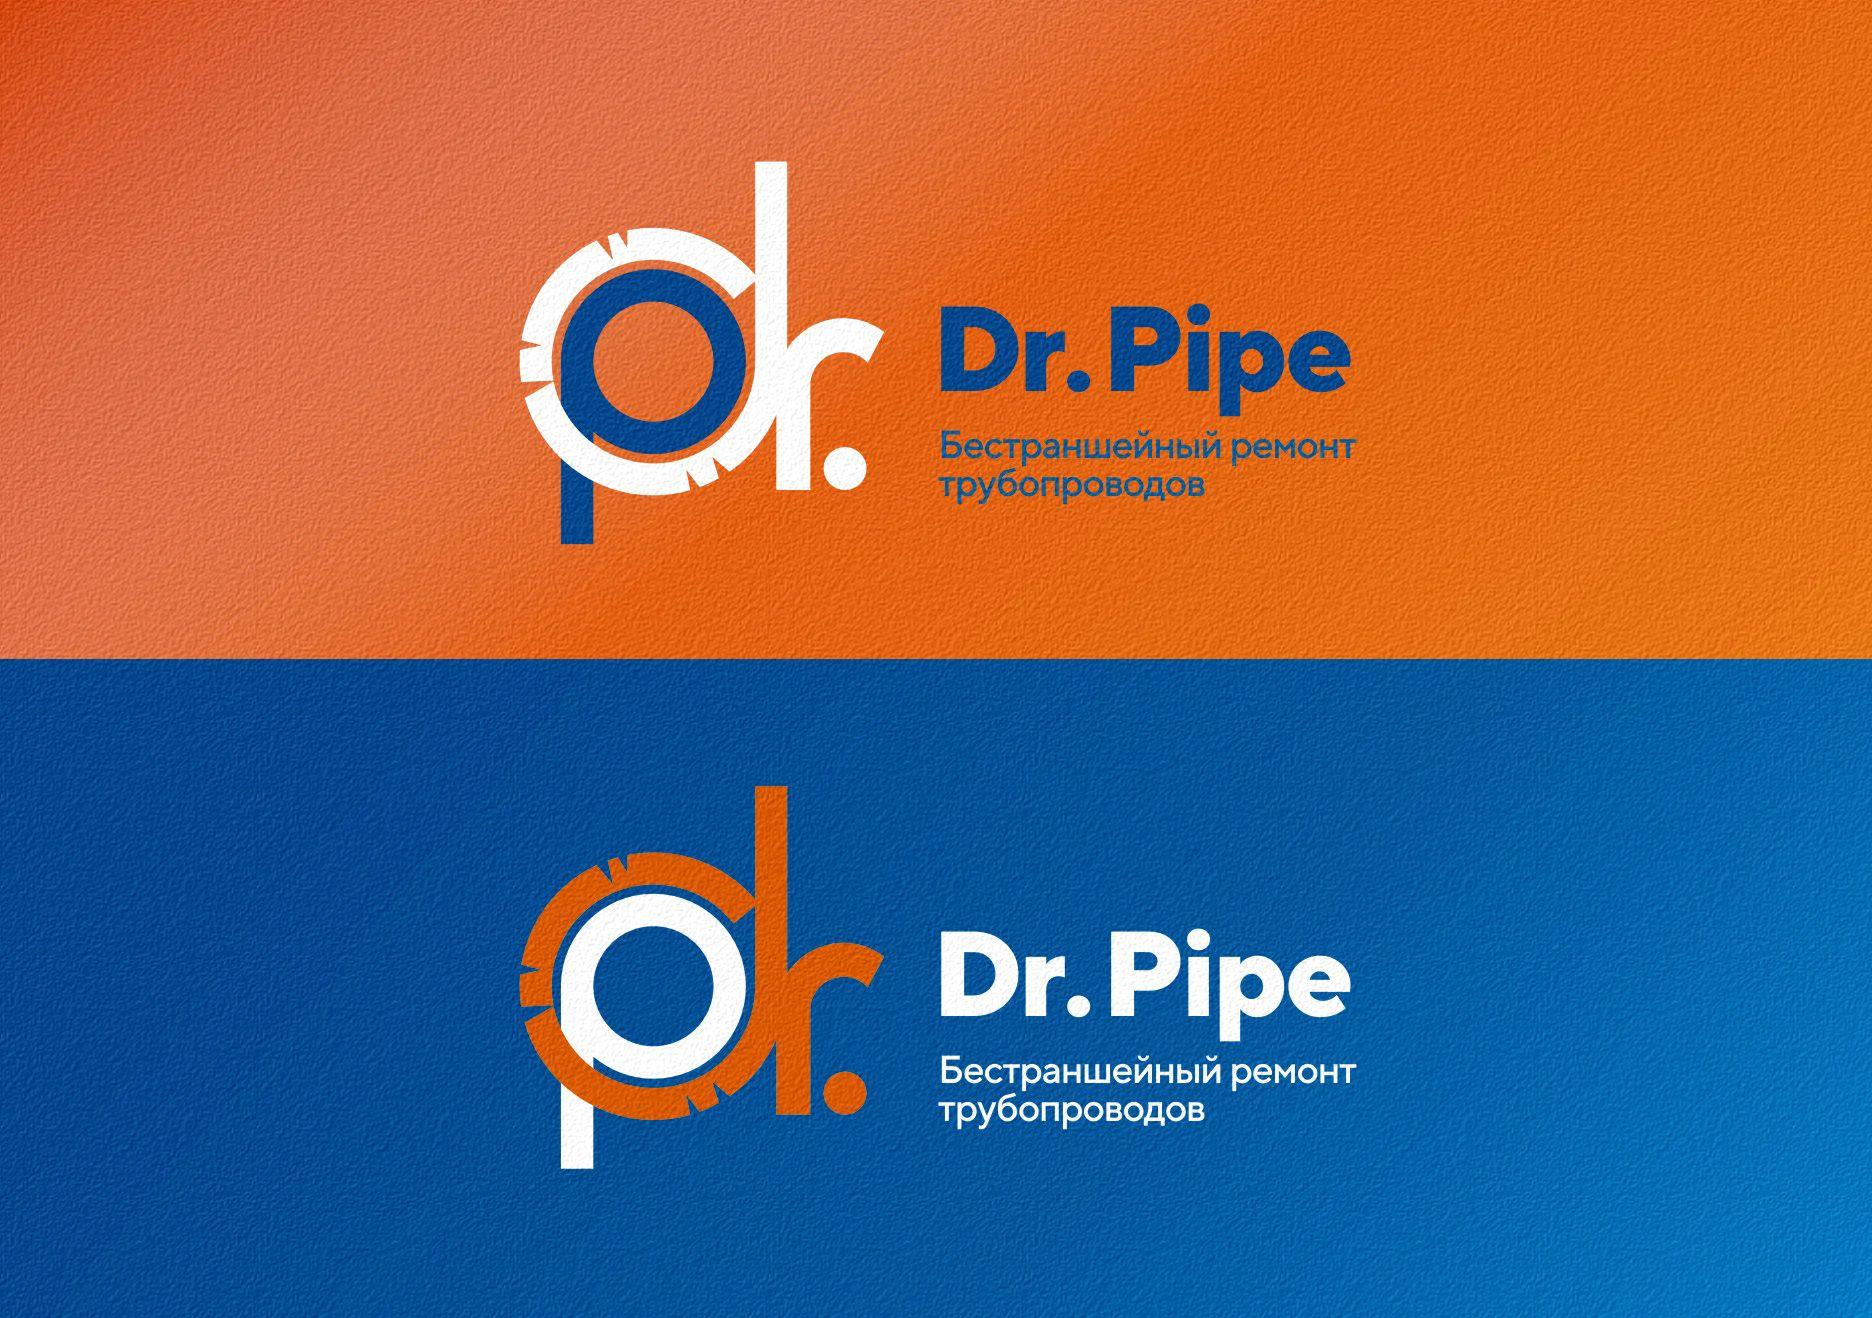 Логотип для Dr. Pipe (Доктор Труб) - дизайнер Zheravin